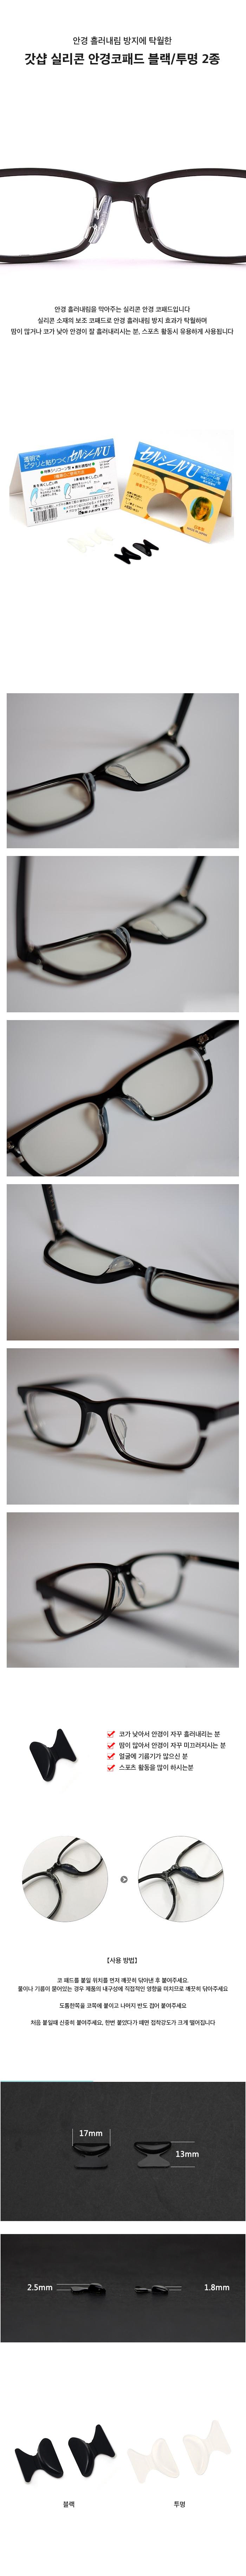 갓샵 실리콘 안경 코패드 코받침 썬글라스 선글라스3,900원-갓샵패션잡화, 아이웨어, 안경/선글라스, 아이웨어 소품바보사랑갓샵 실리콘 안경 코패드 코받침 썬글라스 선글라스3,900원-갓샵패션잡화, 아이웨어, 안경/선글라스, 아이웨어 소품바보사랑